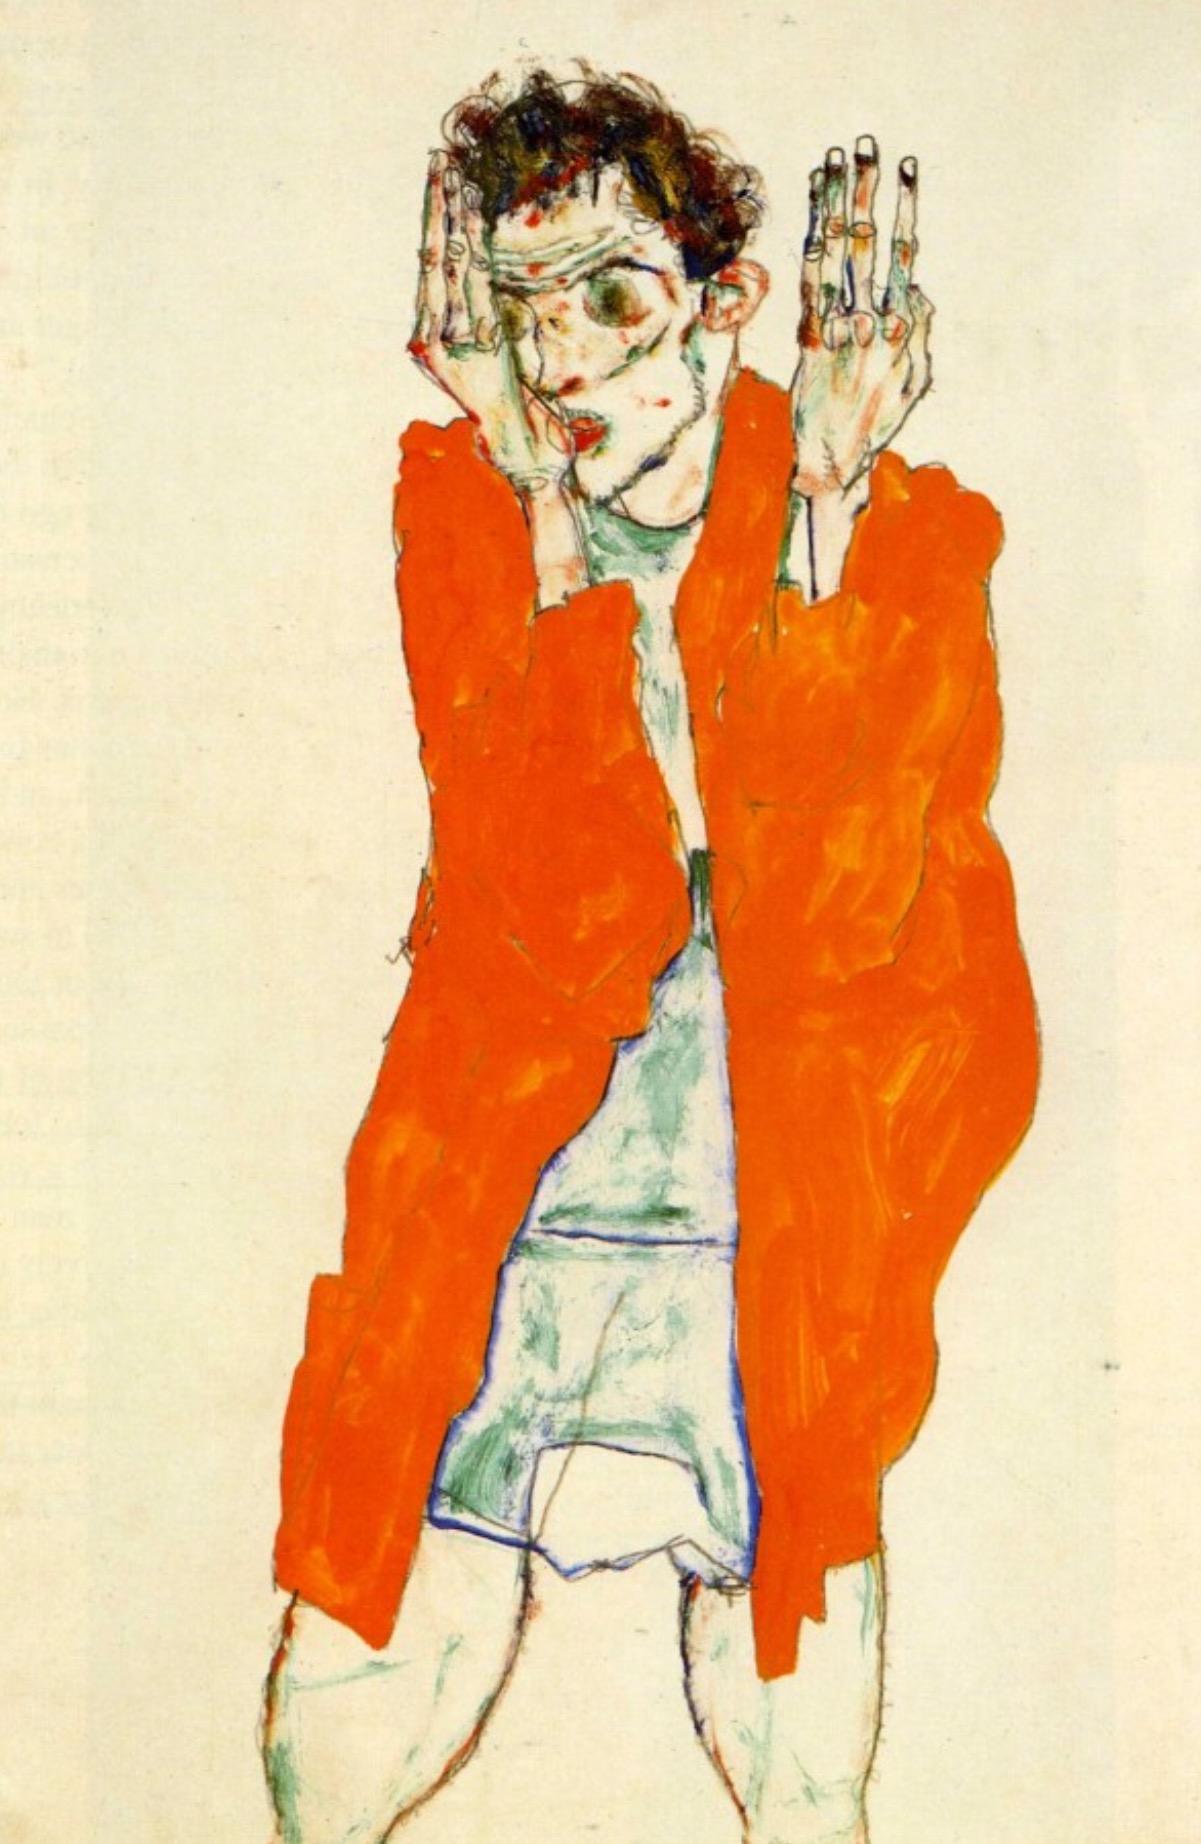 """Egon Schiele. """"Self portrait with orange jacket""""(1913).Watercolour, gouache and pencil on paper.48.3 × 31.7 cm."""